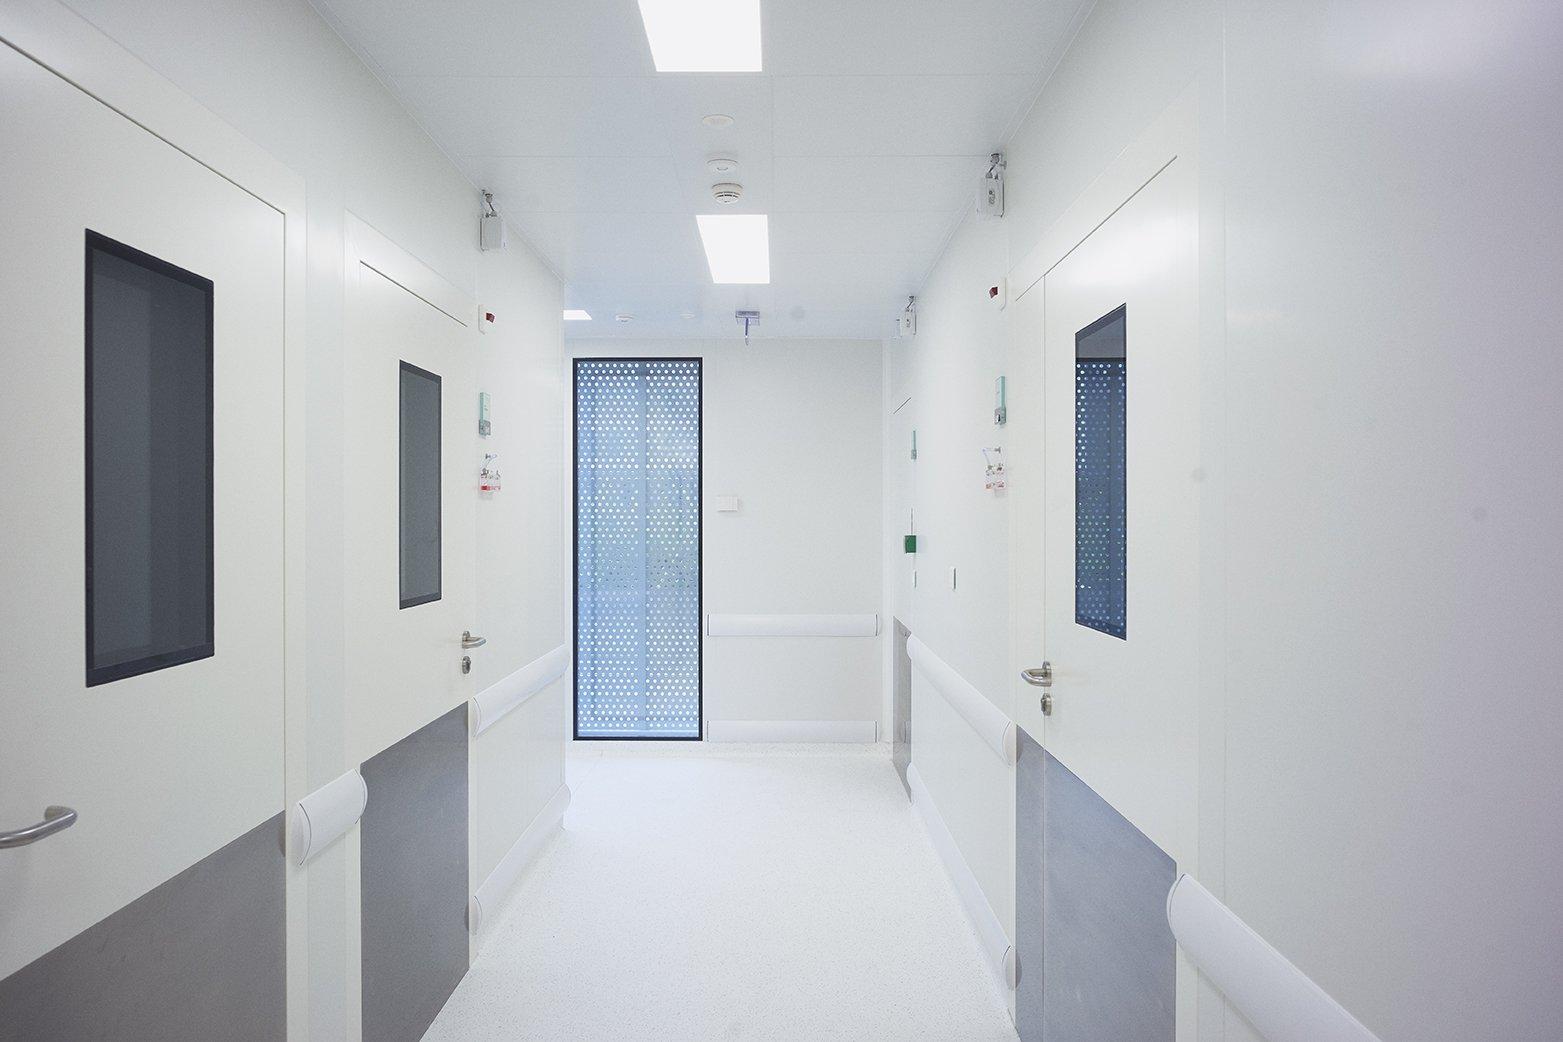 https://www.transform-architecture.com/wp-content/uploads/2020/12/TRANSFORM-Centre-exploration-fonctionnelle-Jussieu-18.jpg